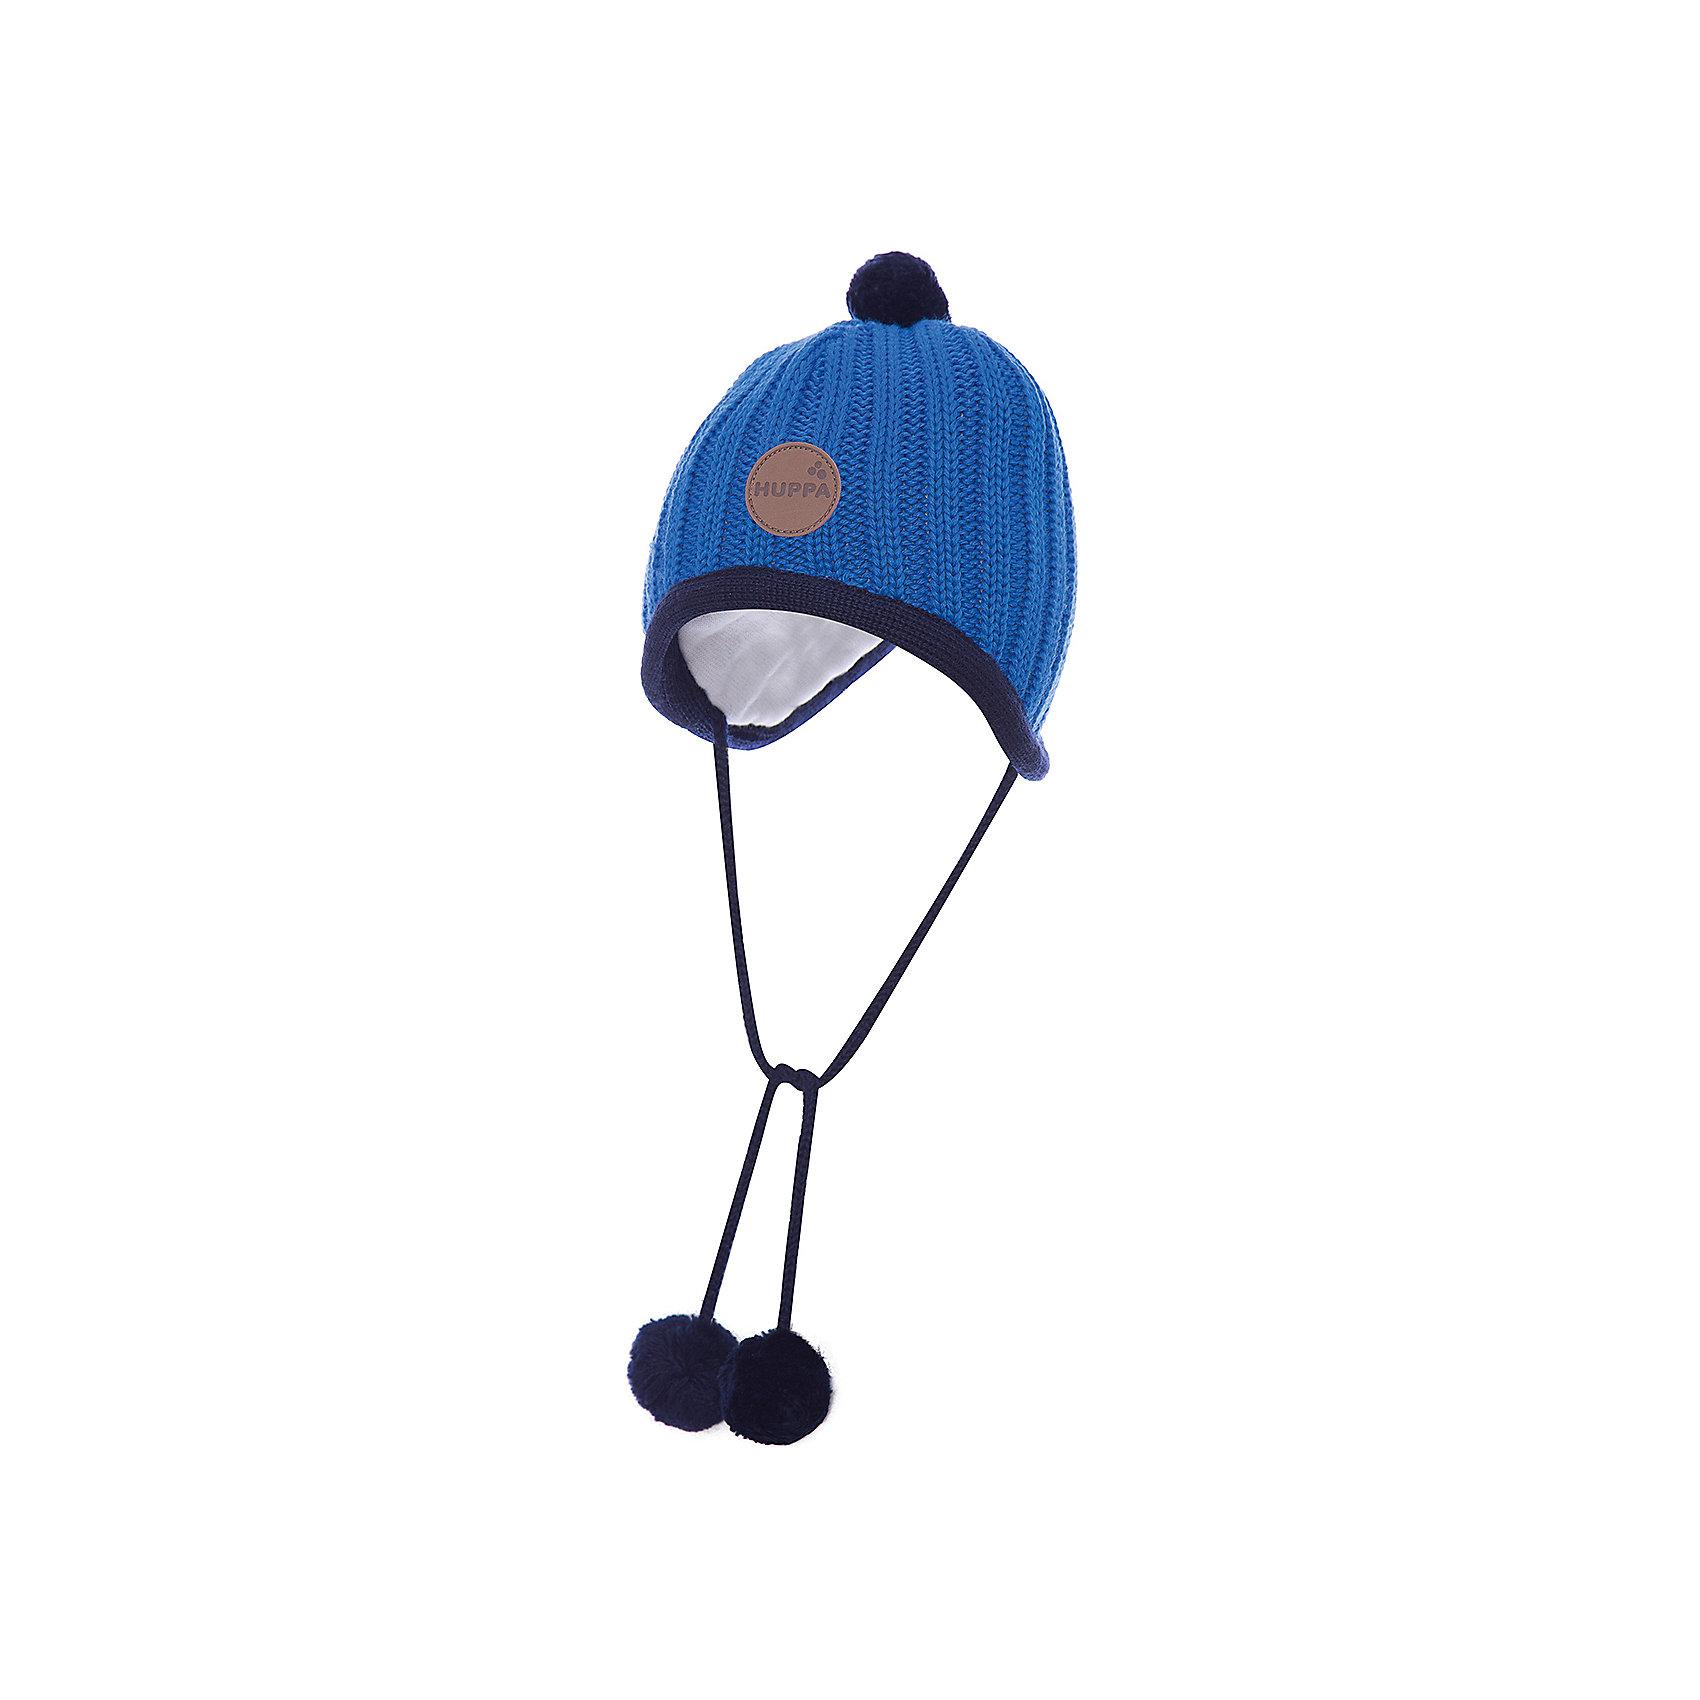 Шапка для мальчика HuppaШапочки<br>Вязанная «резинкой» зимняя шапка для малышей. Для удобства ношения у шапки приятная подкладка из хлопкового трикотажа, наружная часть из смеси 50% мериносовой шерсти и 50% акриловой пряжи. Для защиты от холодных ветров у шапки имеются ленты с помпонами, при помощи которых шапку можно завязать и защитить уши от холода. <br><br>Шапку для мальчика Huppa (Хуппа) можно купить в нашем магазине.<br><br>Ширина мм: 89<br>Глубина мм: 117<br>Высота мм: 44<br>Вес г: 155<br>Цвет: голубой<br>Возраст от месяцев: 9<br>Возраст до месяцев: 12<br>Пол: Мужской<br>Возраст: Детский<br>Размер: 43-45,39-43,47-49,51-53<br>SKU: 4242872